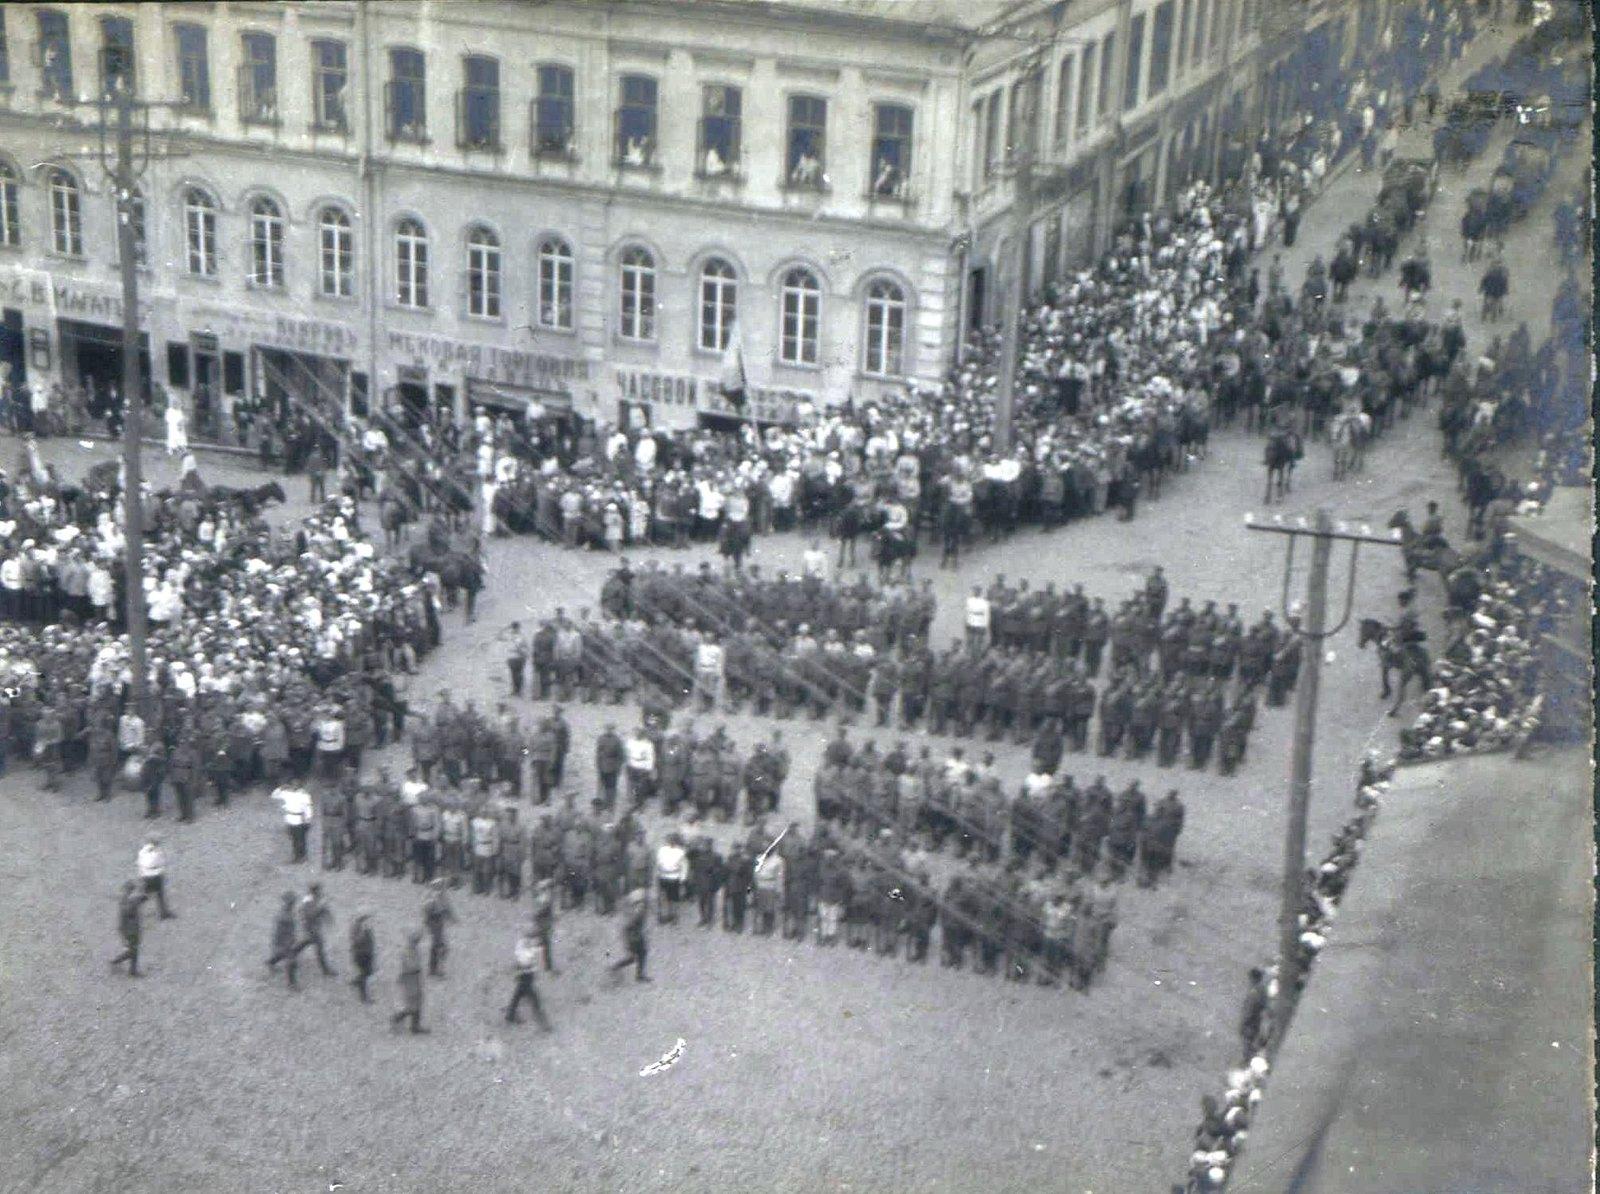 145. 1919. Панихида по павшим воинам в Харькове, июнь